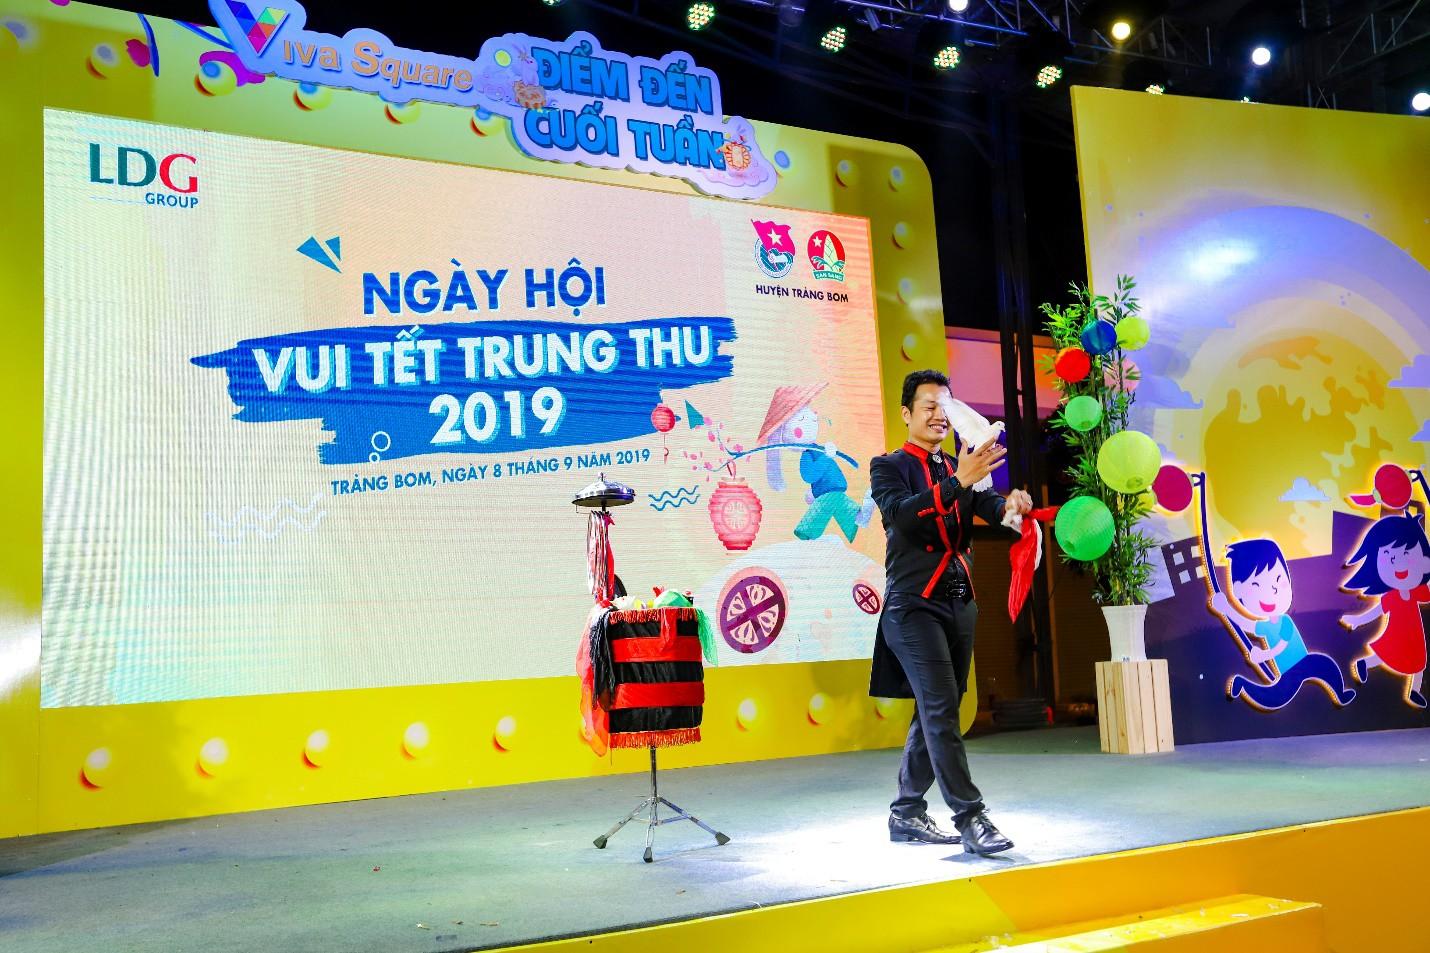 Tìm lại tuổi thơ với ngày hội Trung thu ở Viva Square - Ảnh 8.